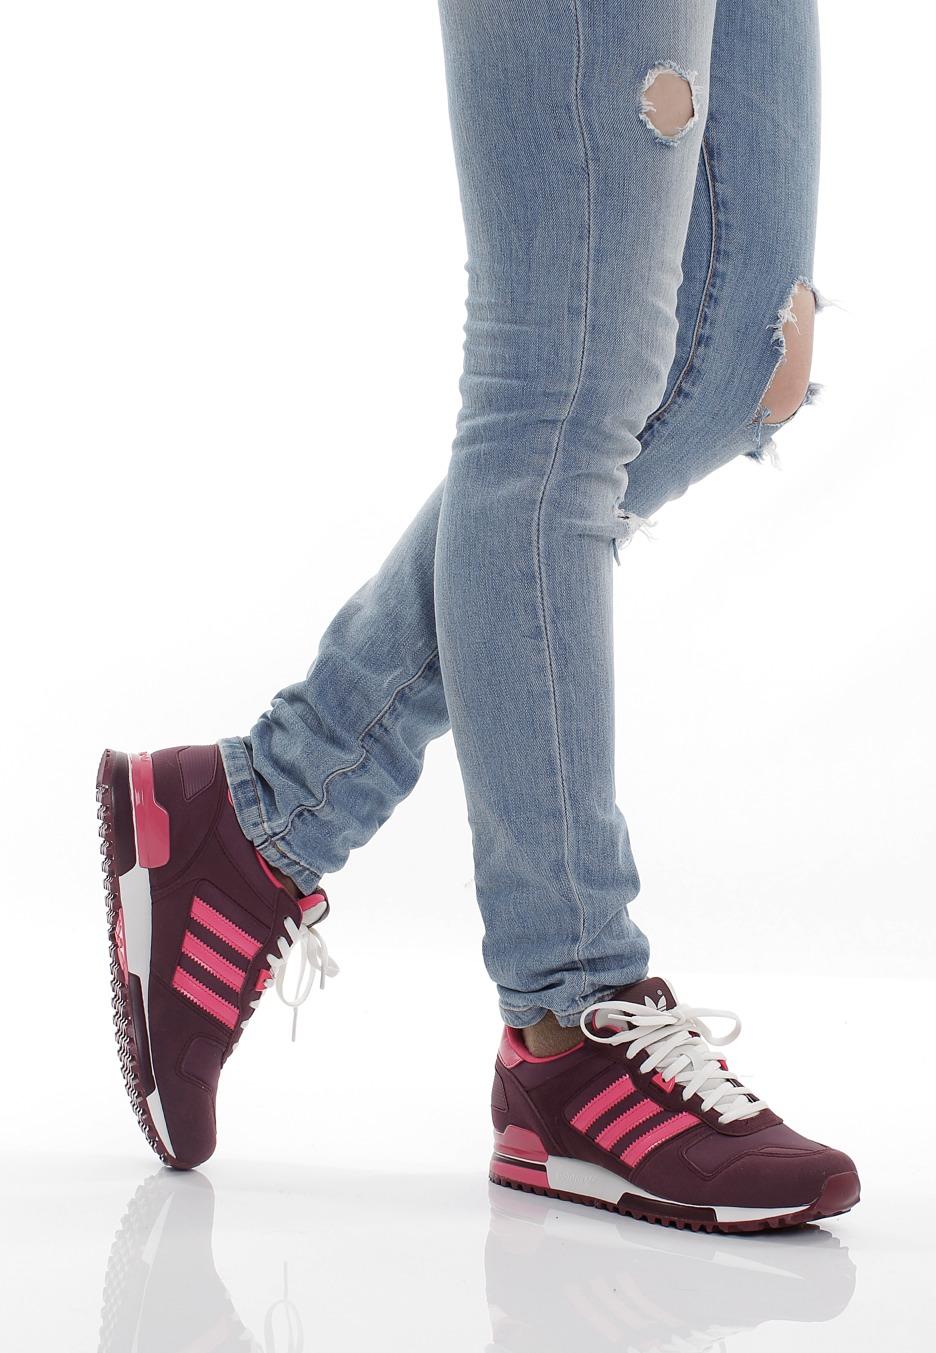 usa adidas zx 700 maroon 40542 4c1f2